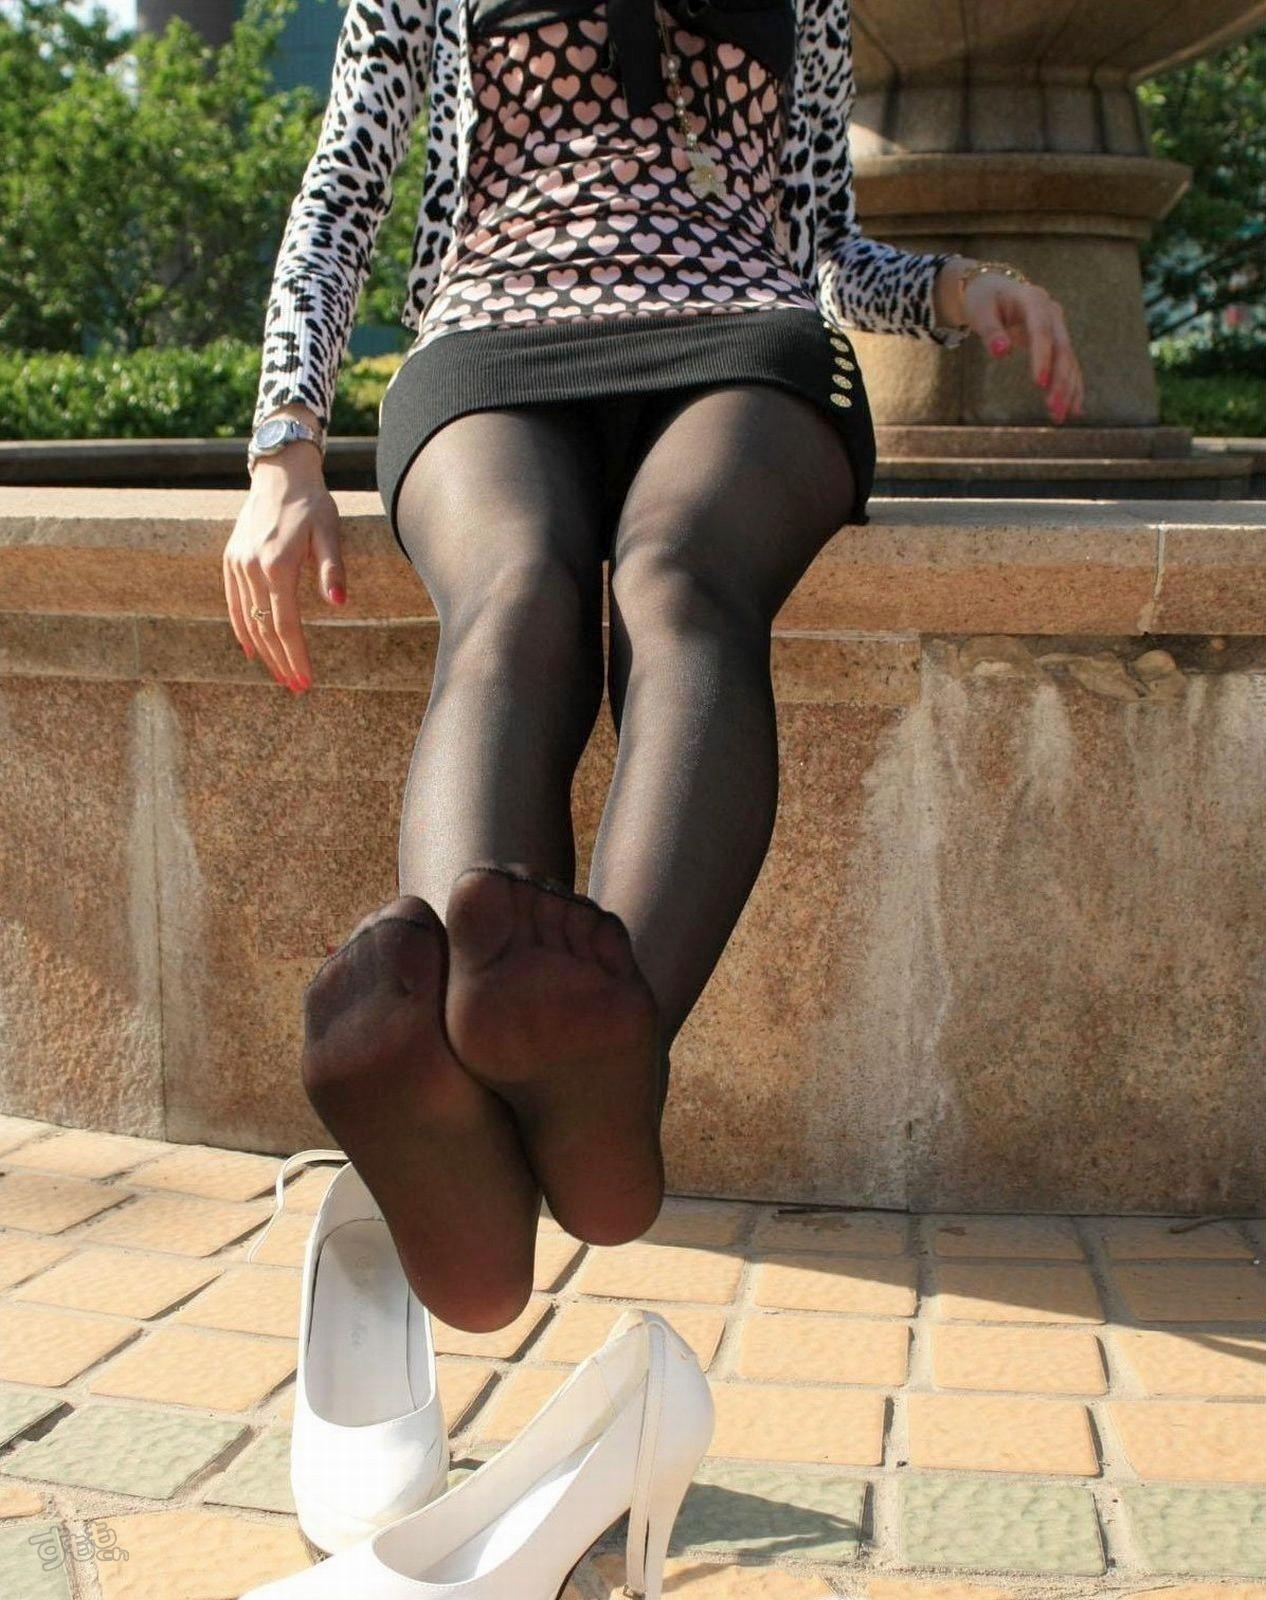 【黒ストッキングエロ画像】美脚をより細く見せる魔法のアイテムがあると聞いてwww 12